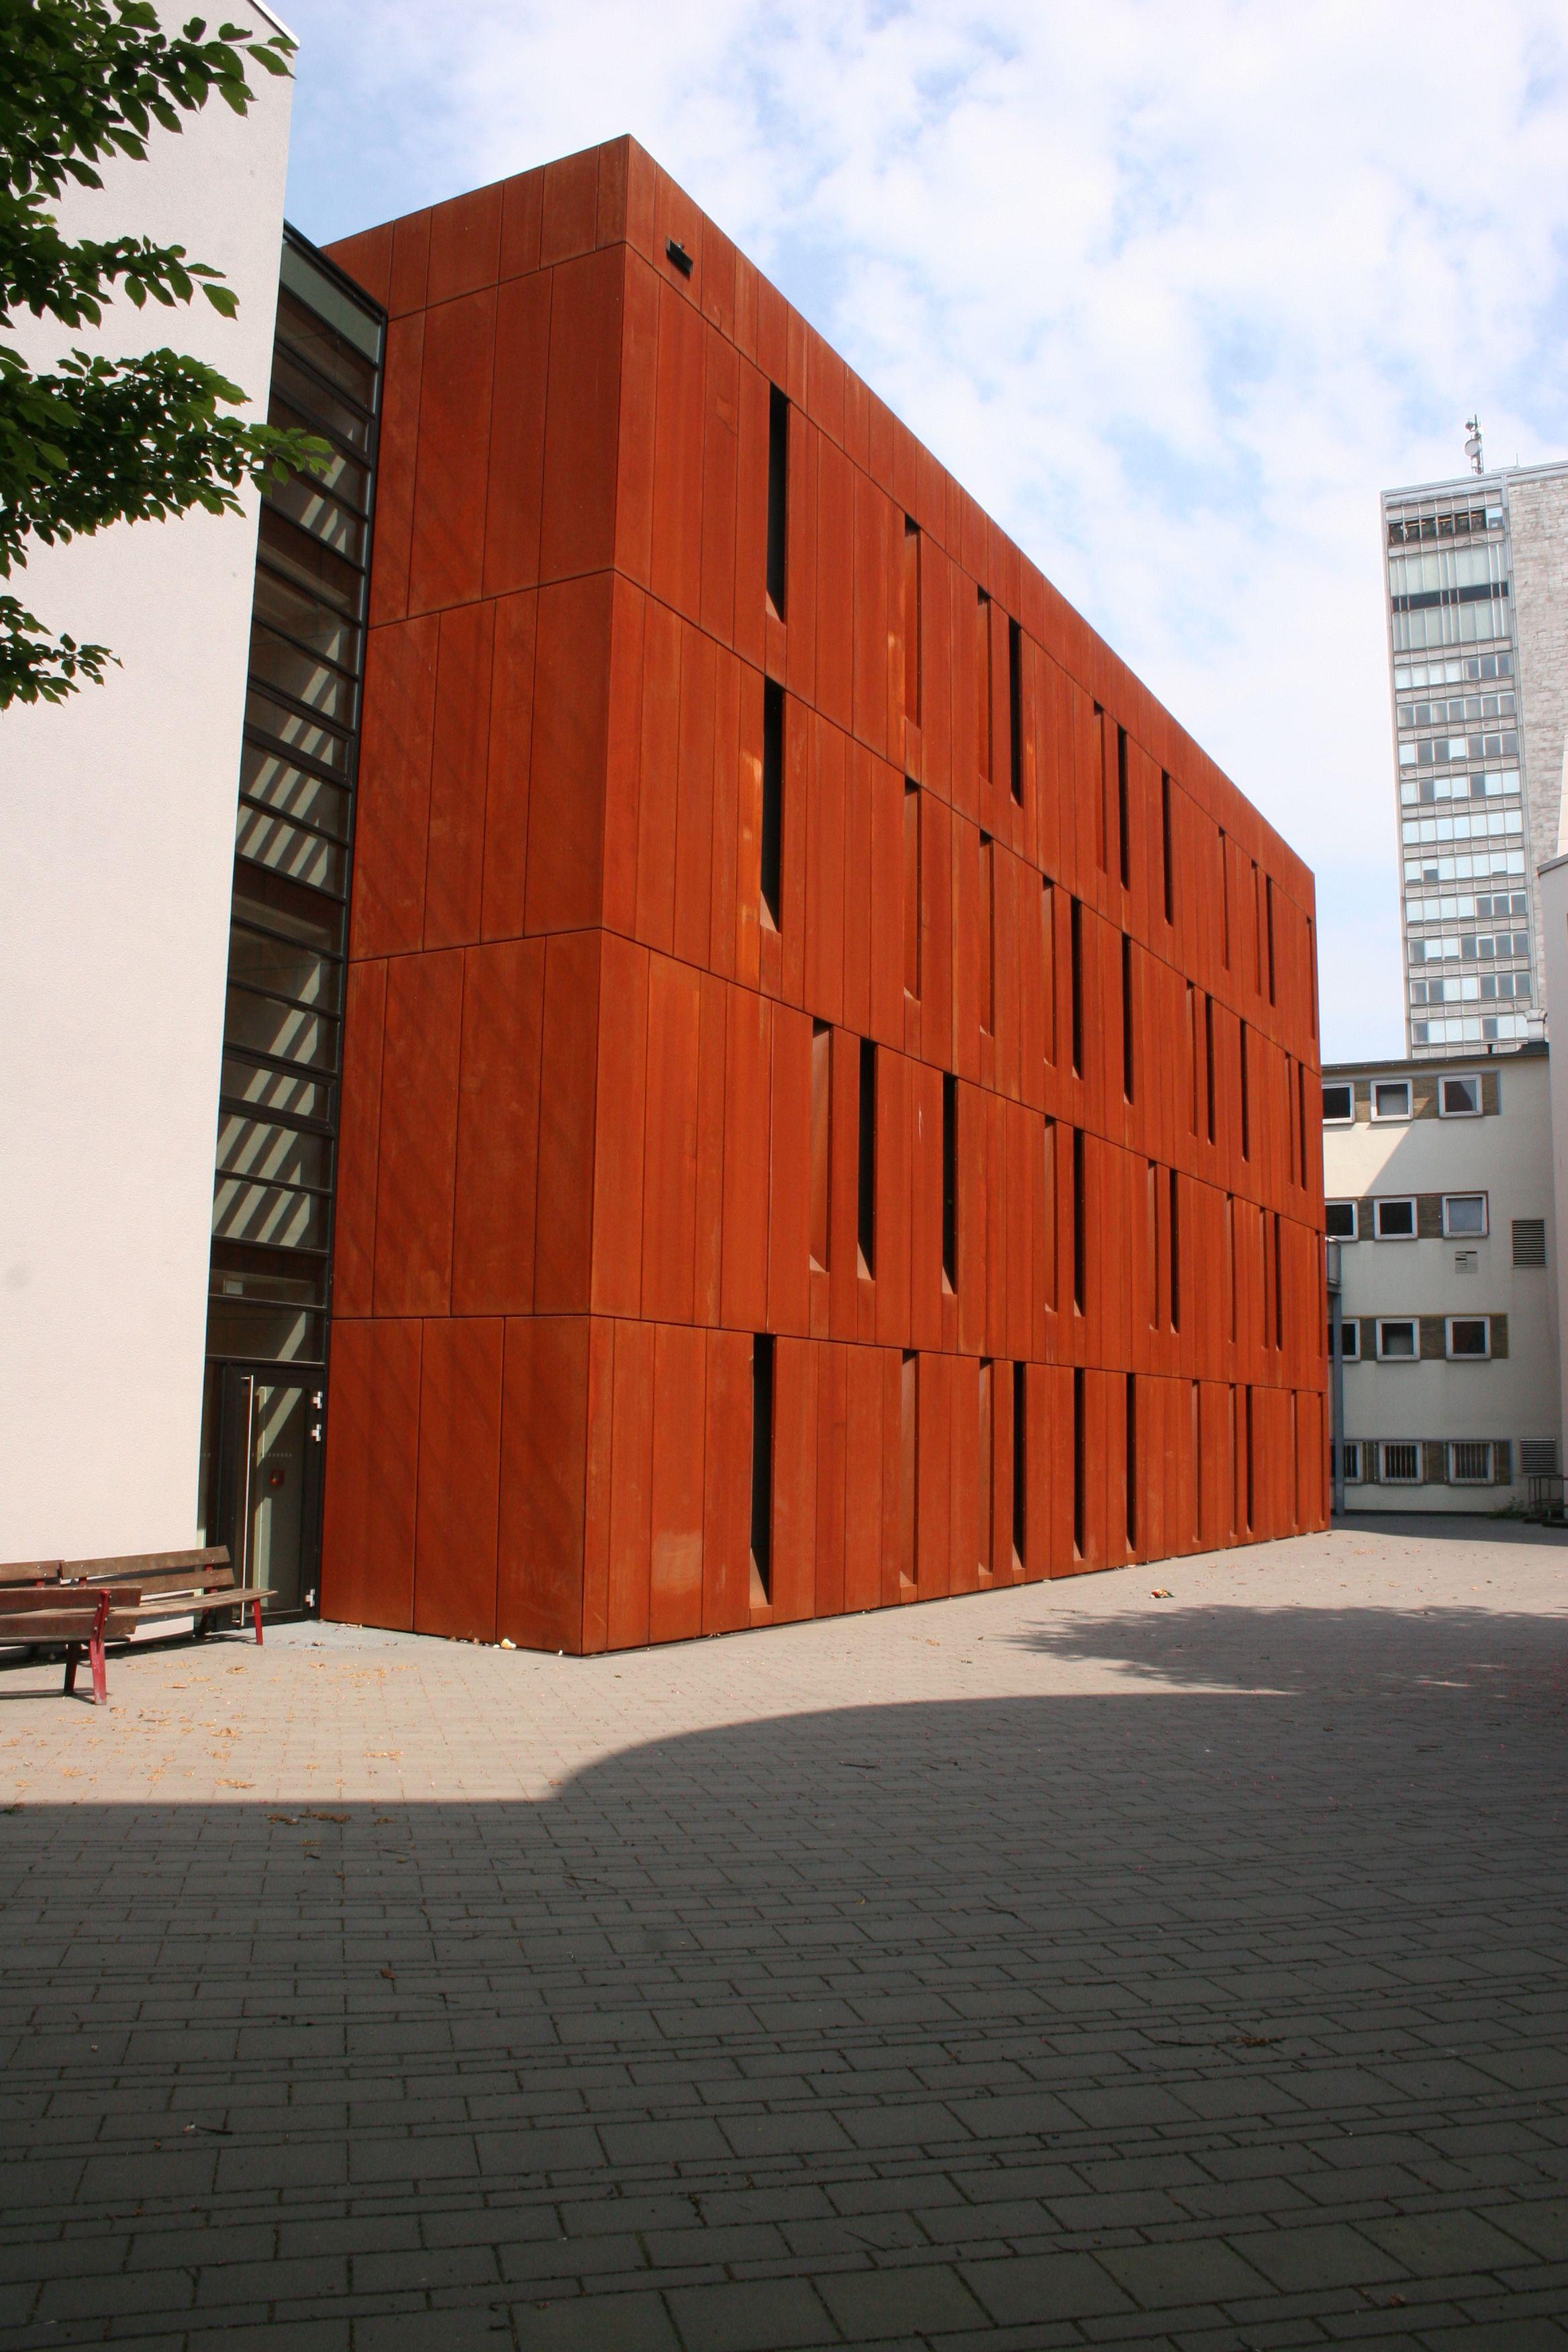 Datei corten stahl cor ten steel museum history town essen germany jpg wikipedia - Architectuur staal corten ...